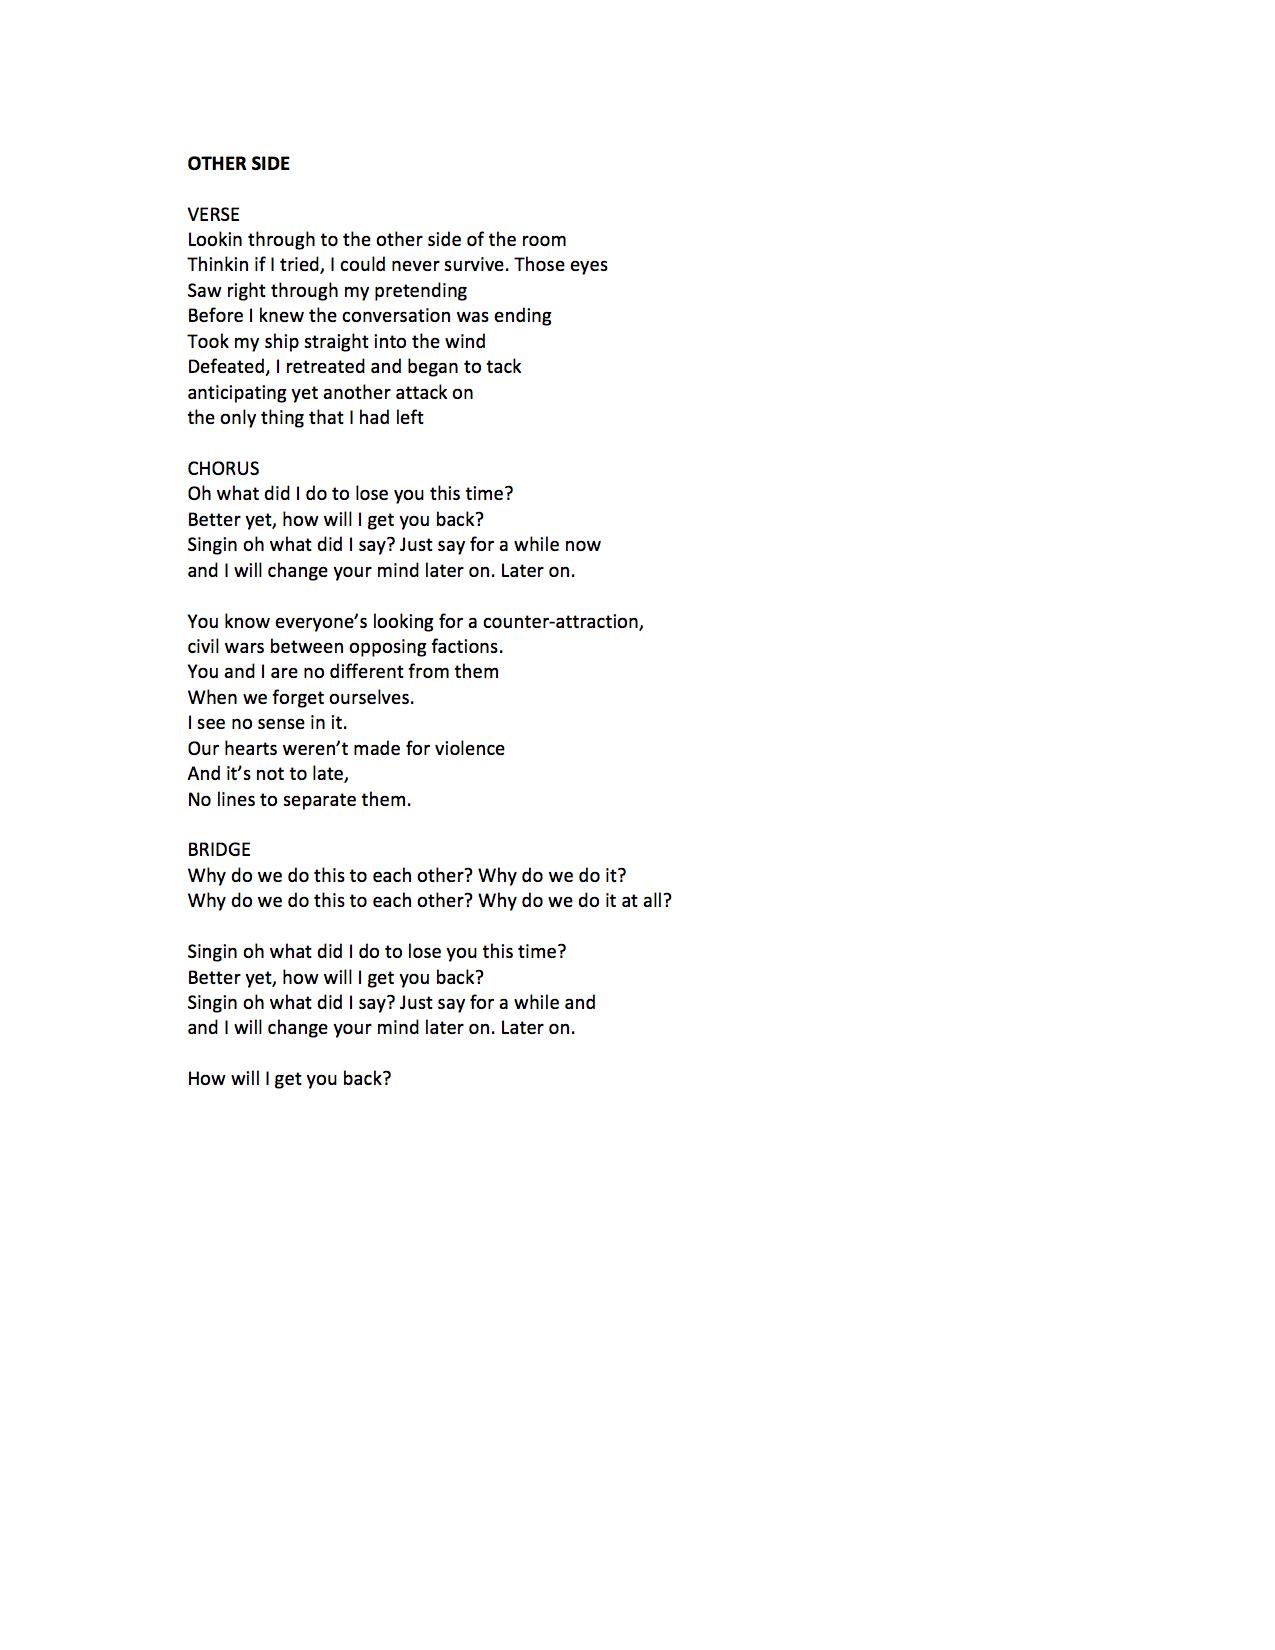 Other Side Lyrics.jpg